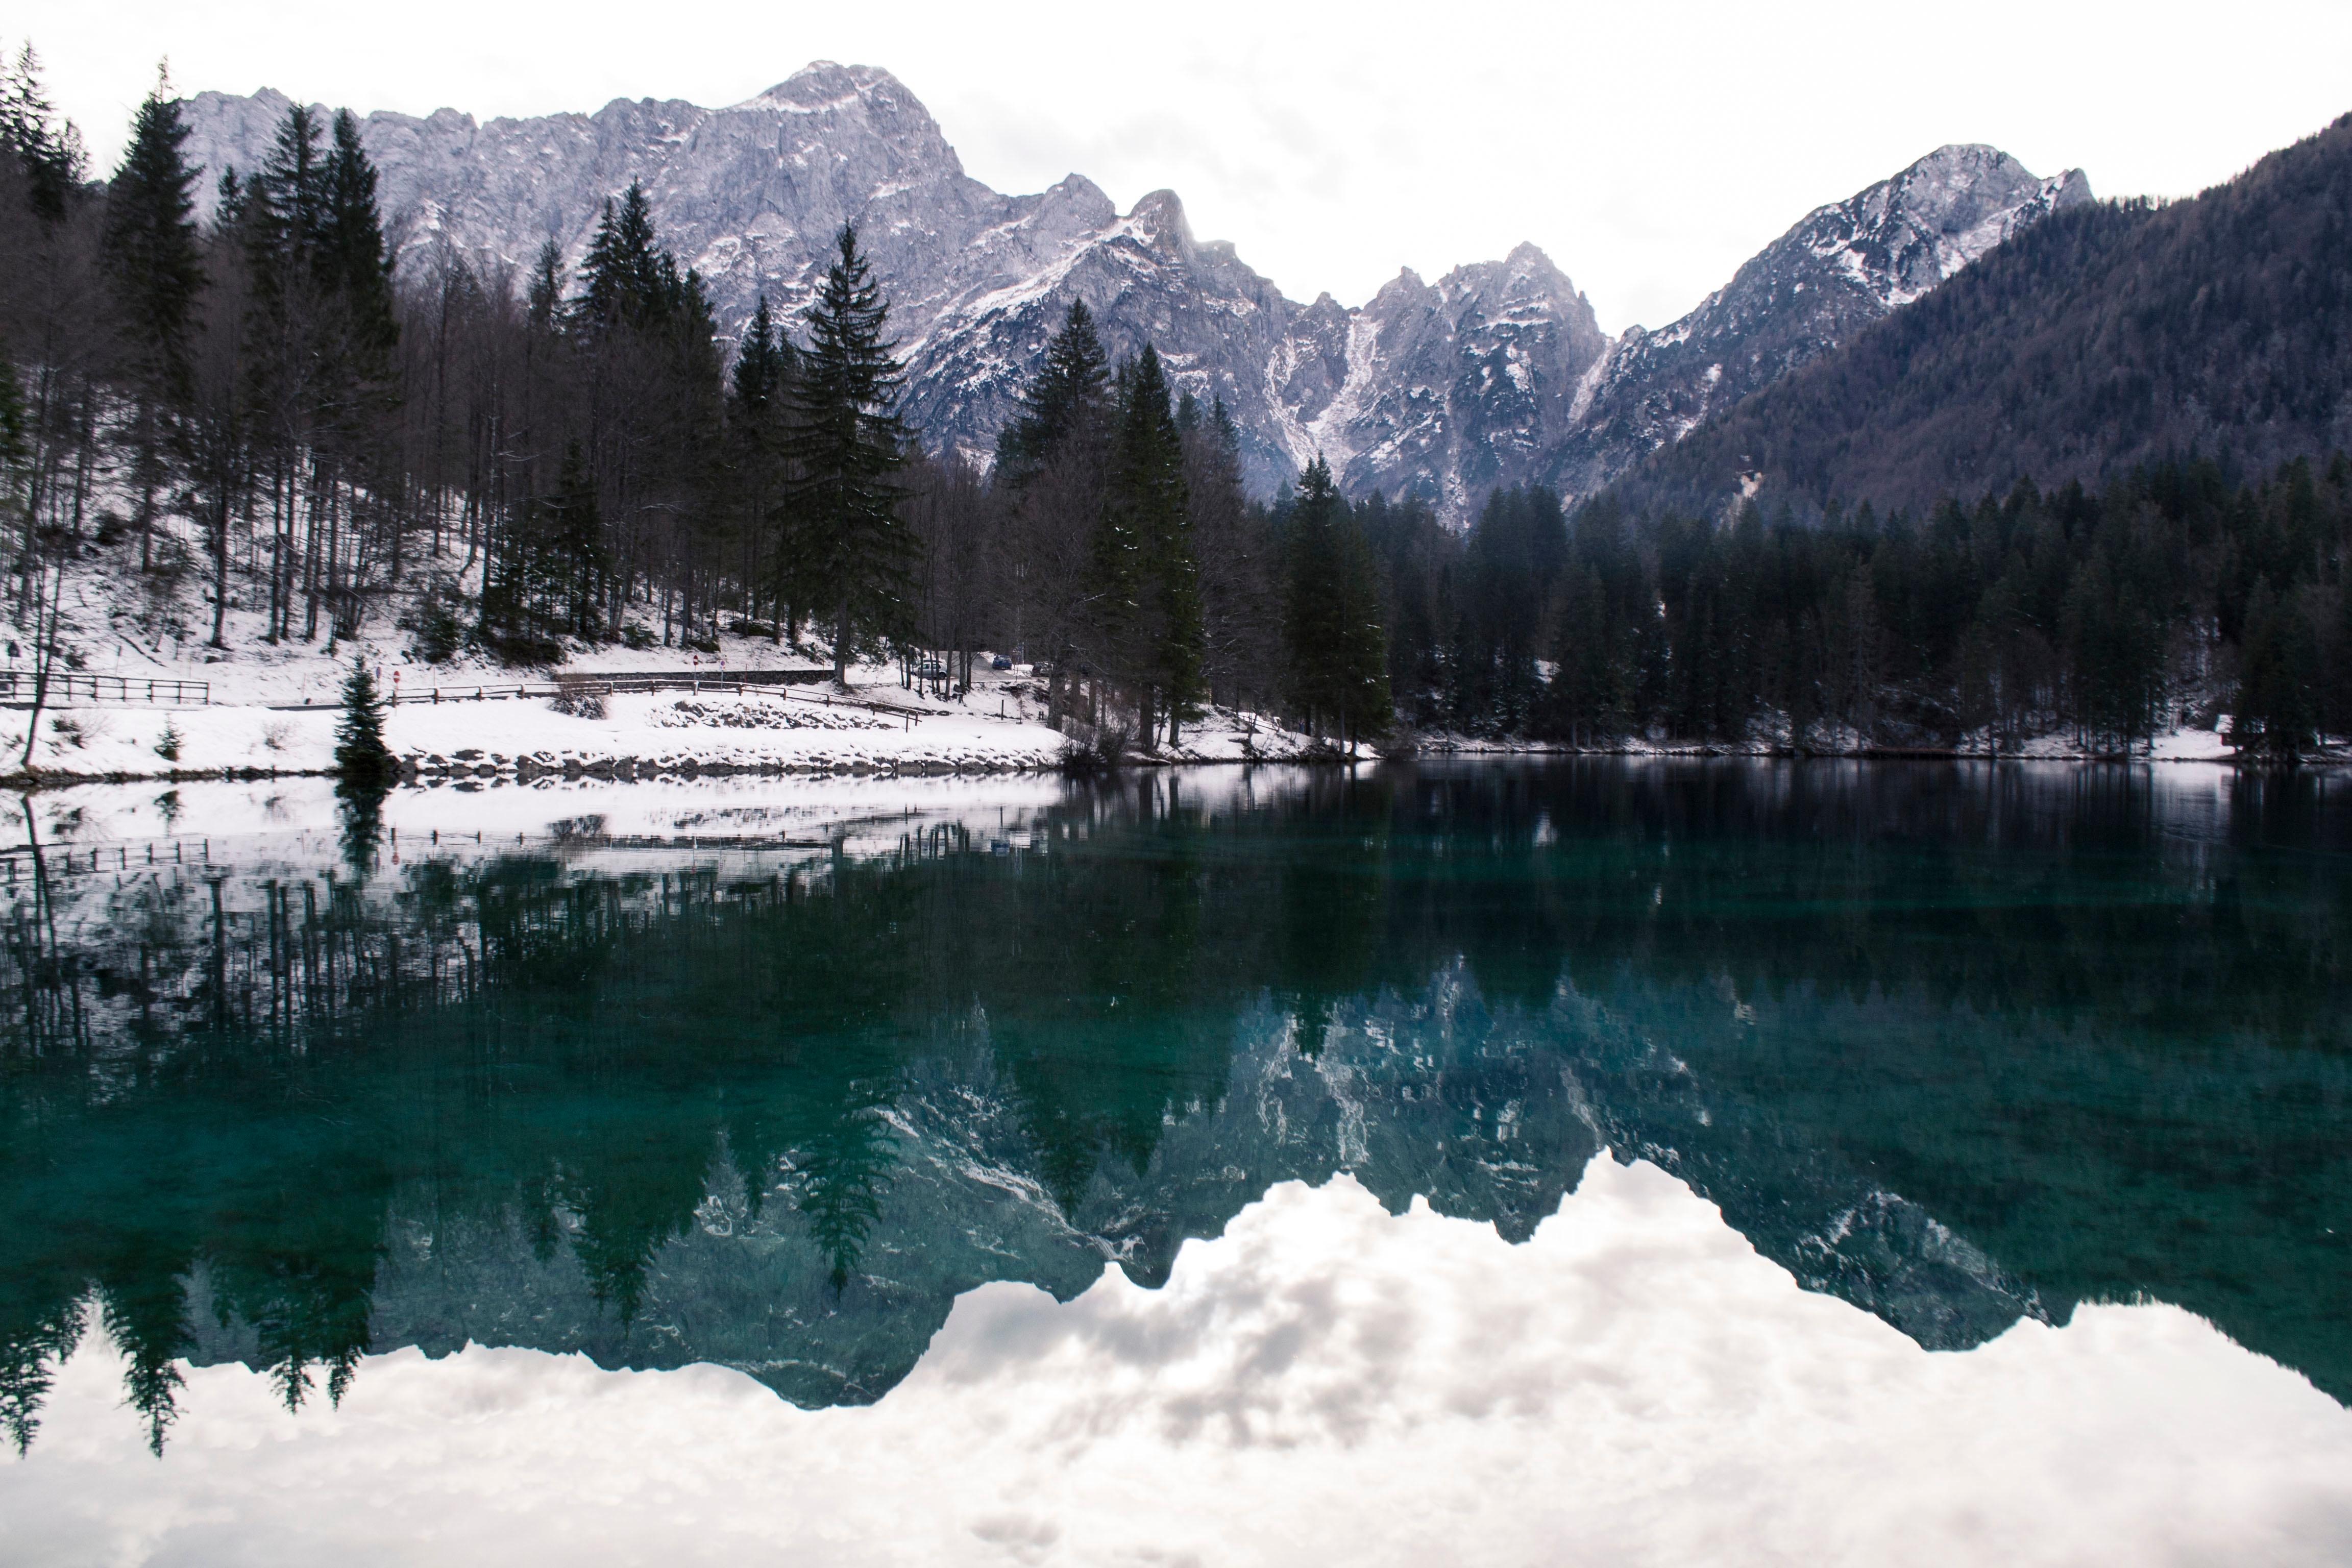 серебряное украшение горное озеро зимой фото законе выборах депутатов